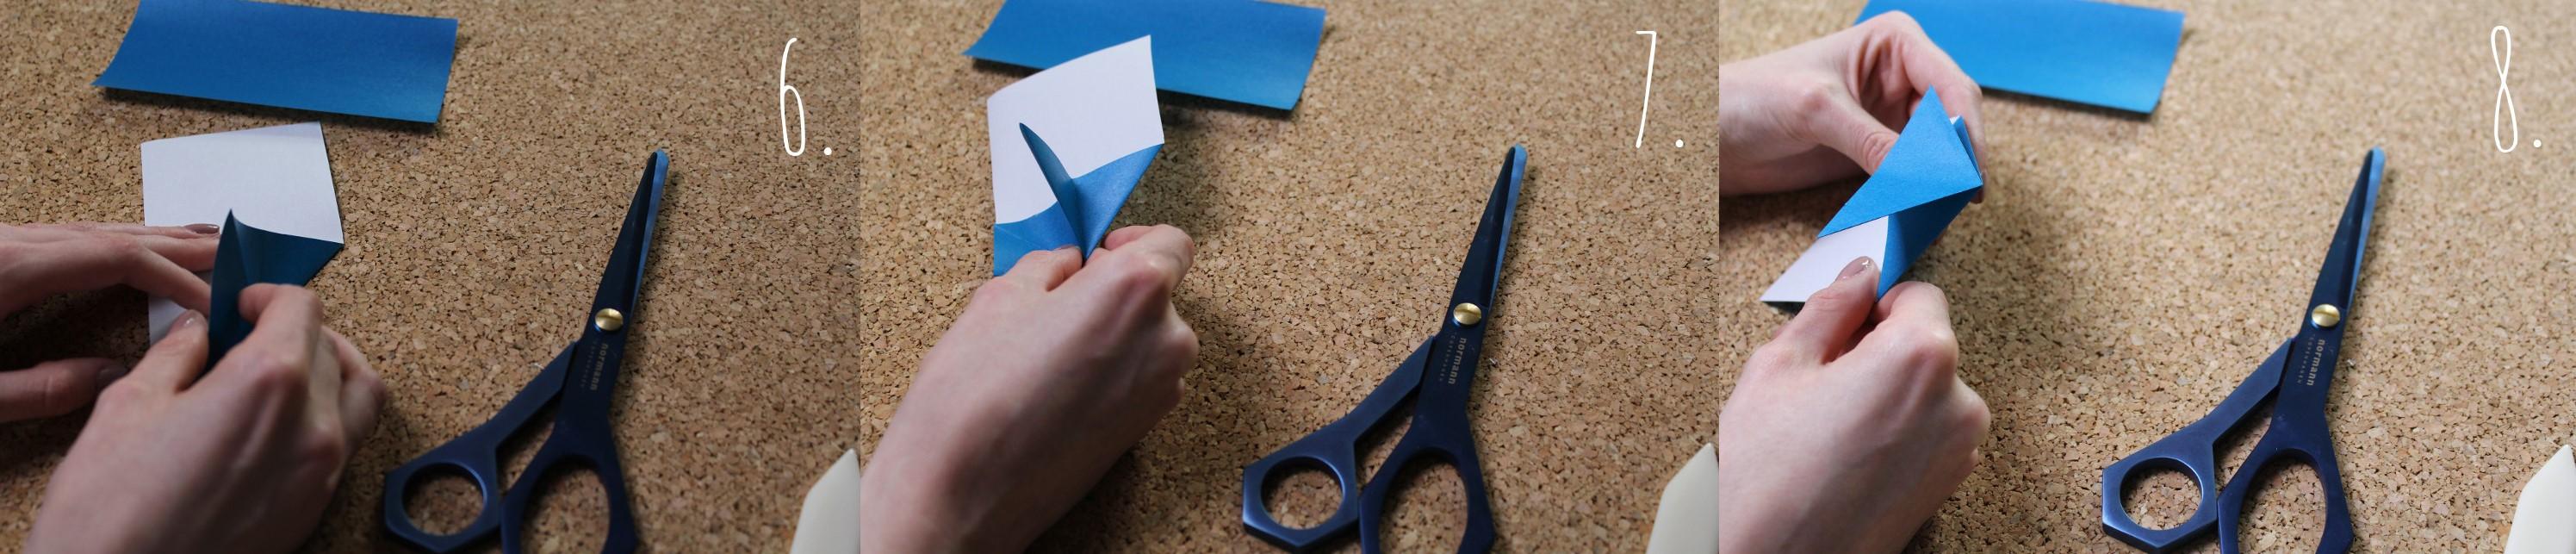 Origami Herz Anleitung Schritt 6-8